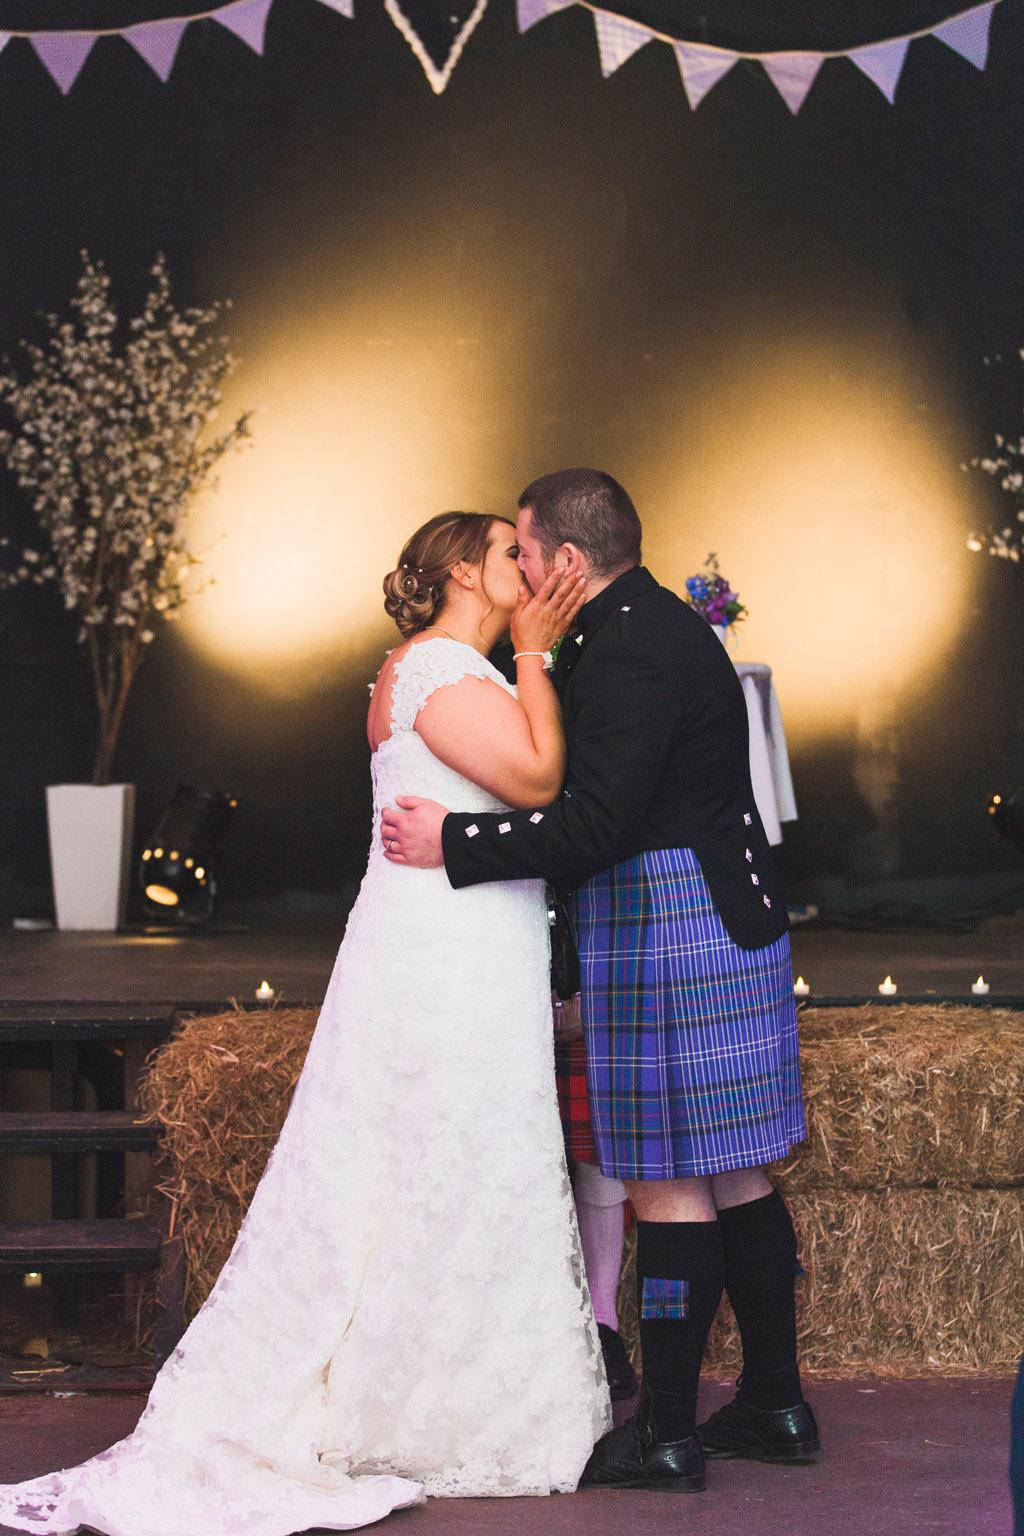 029-first-kiss-scotland.jpg